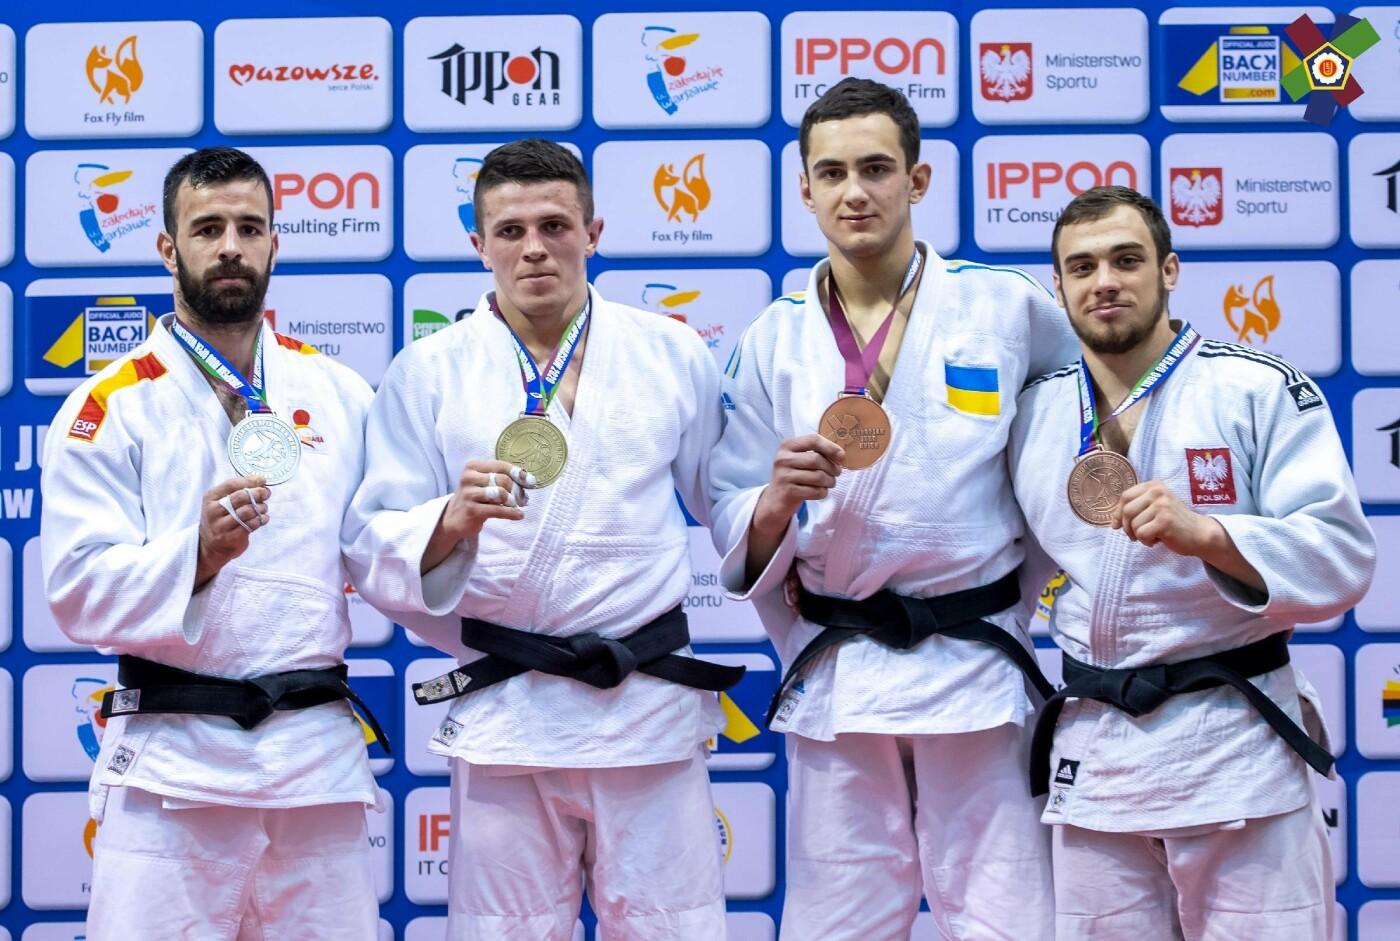 Днепровские дзюдоисты стали призерами Кубка Европы, - ФОТО, фото-1